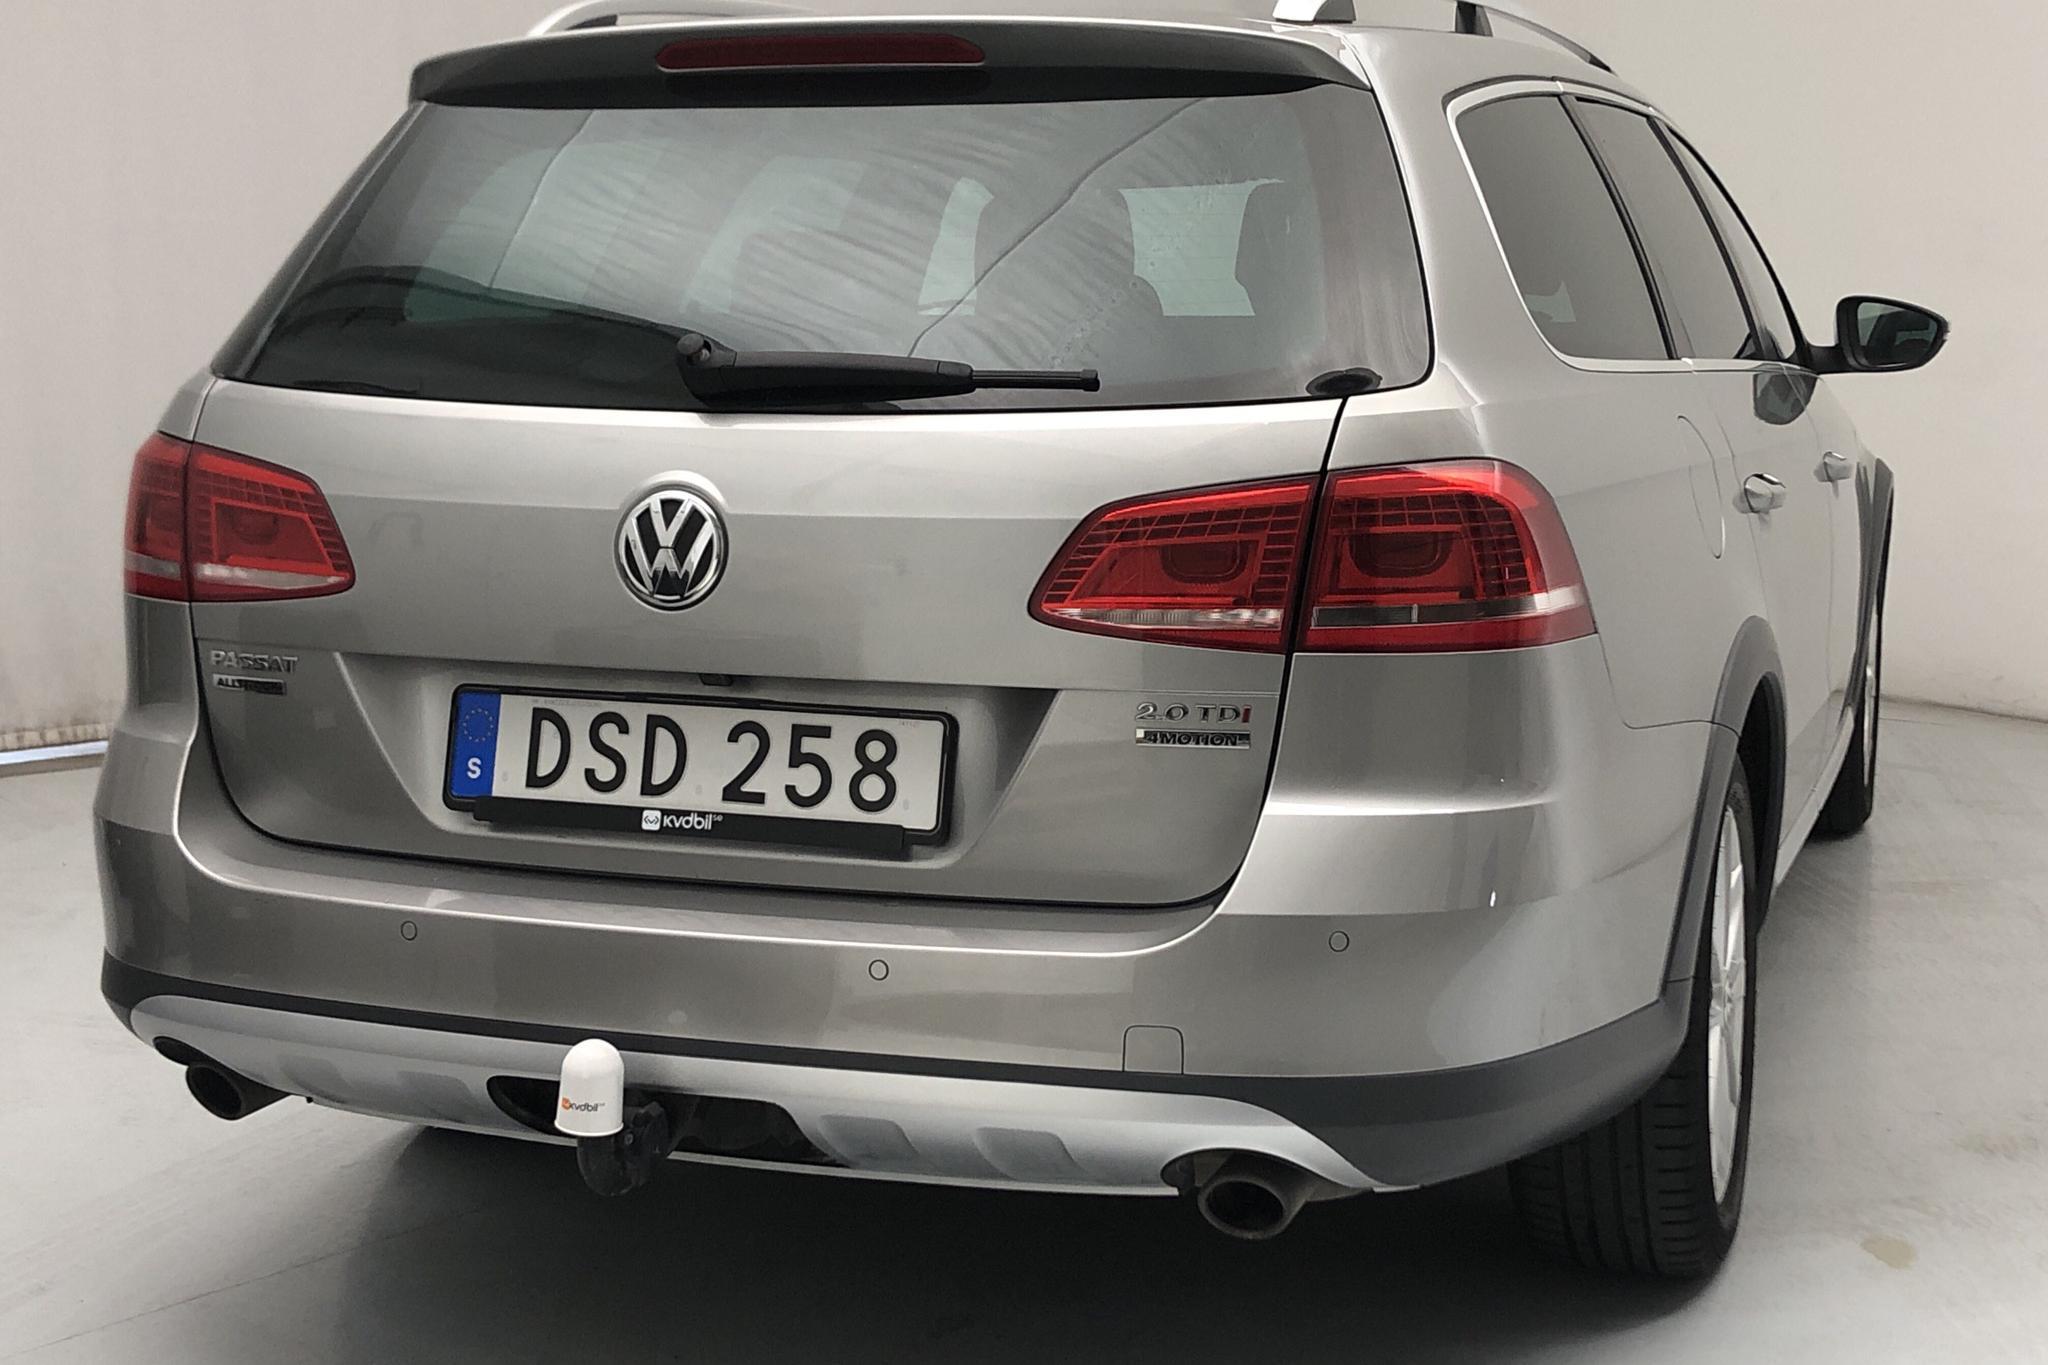 VW Passat Alltrack 2.0 TDI BlueMotion Technology 4Motion (177hk) - 13 738 mil - Automat - silver - 2015